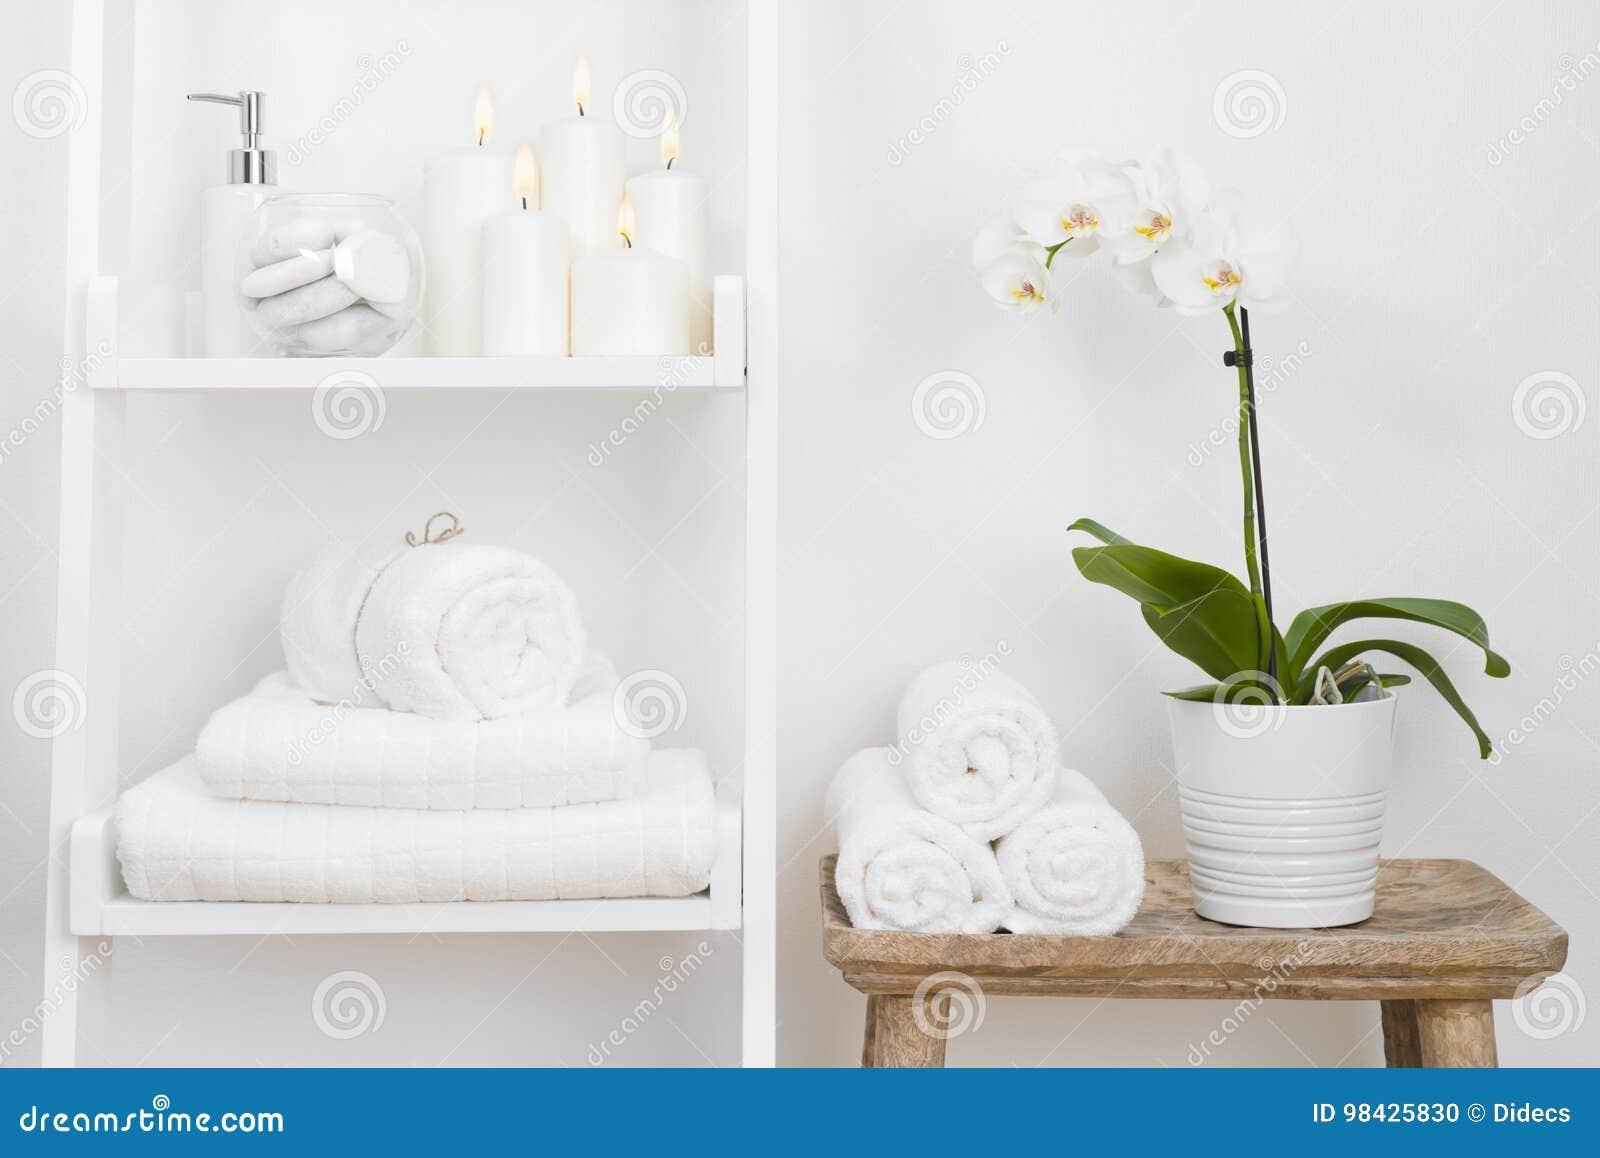 Estante con las toallas limpias, velas, maceta en la tabla de madera del cuarto de baño